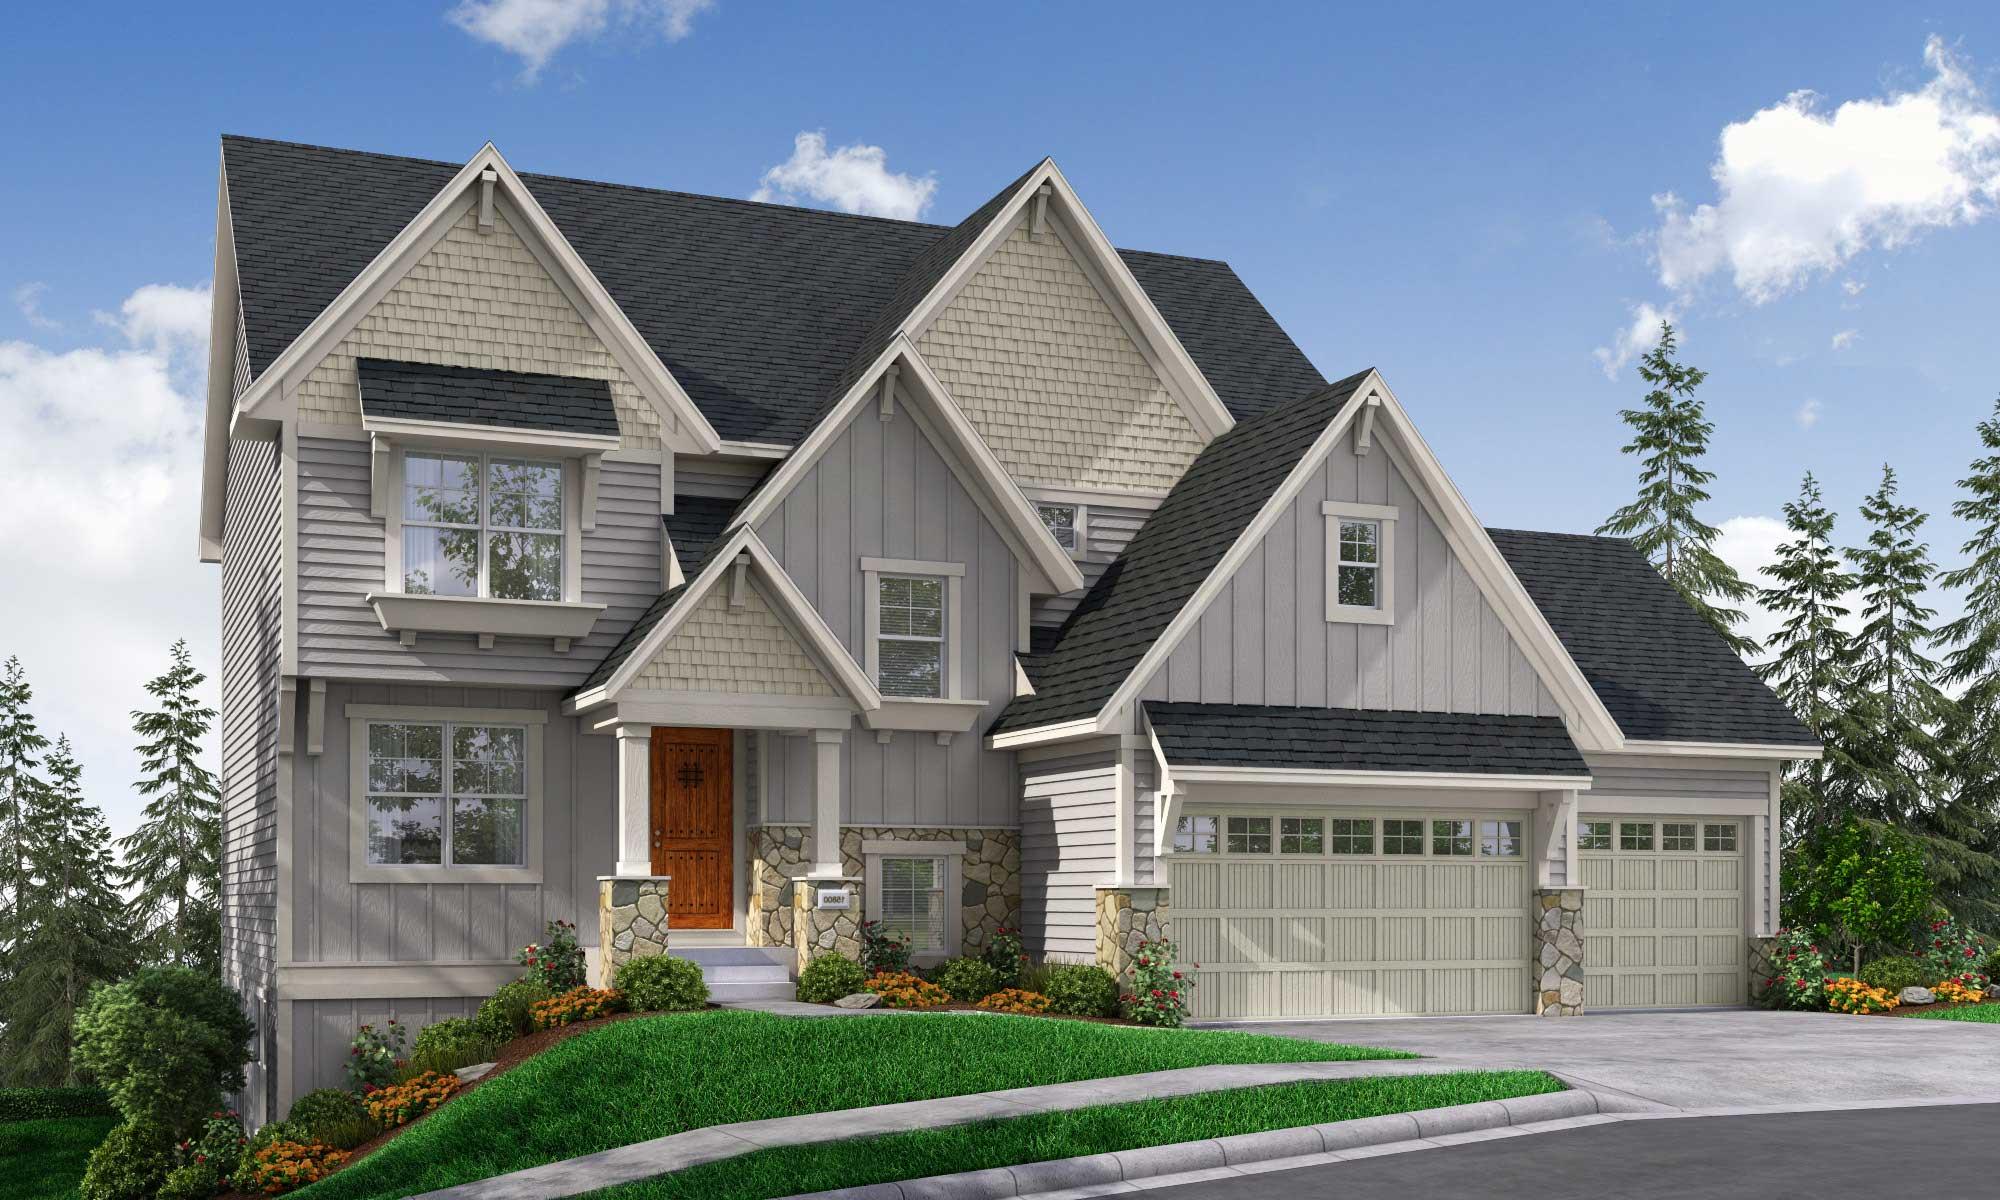 Exterior rendering of home with Harriet D design